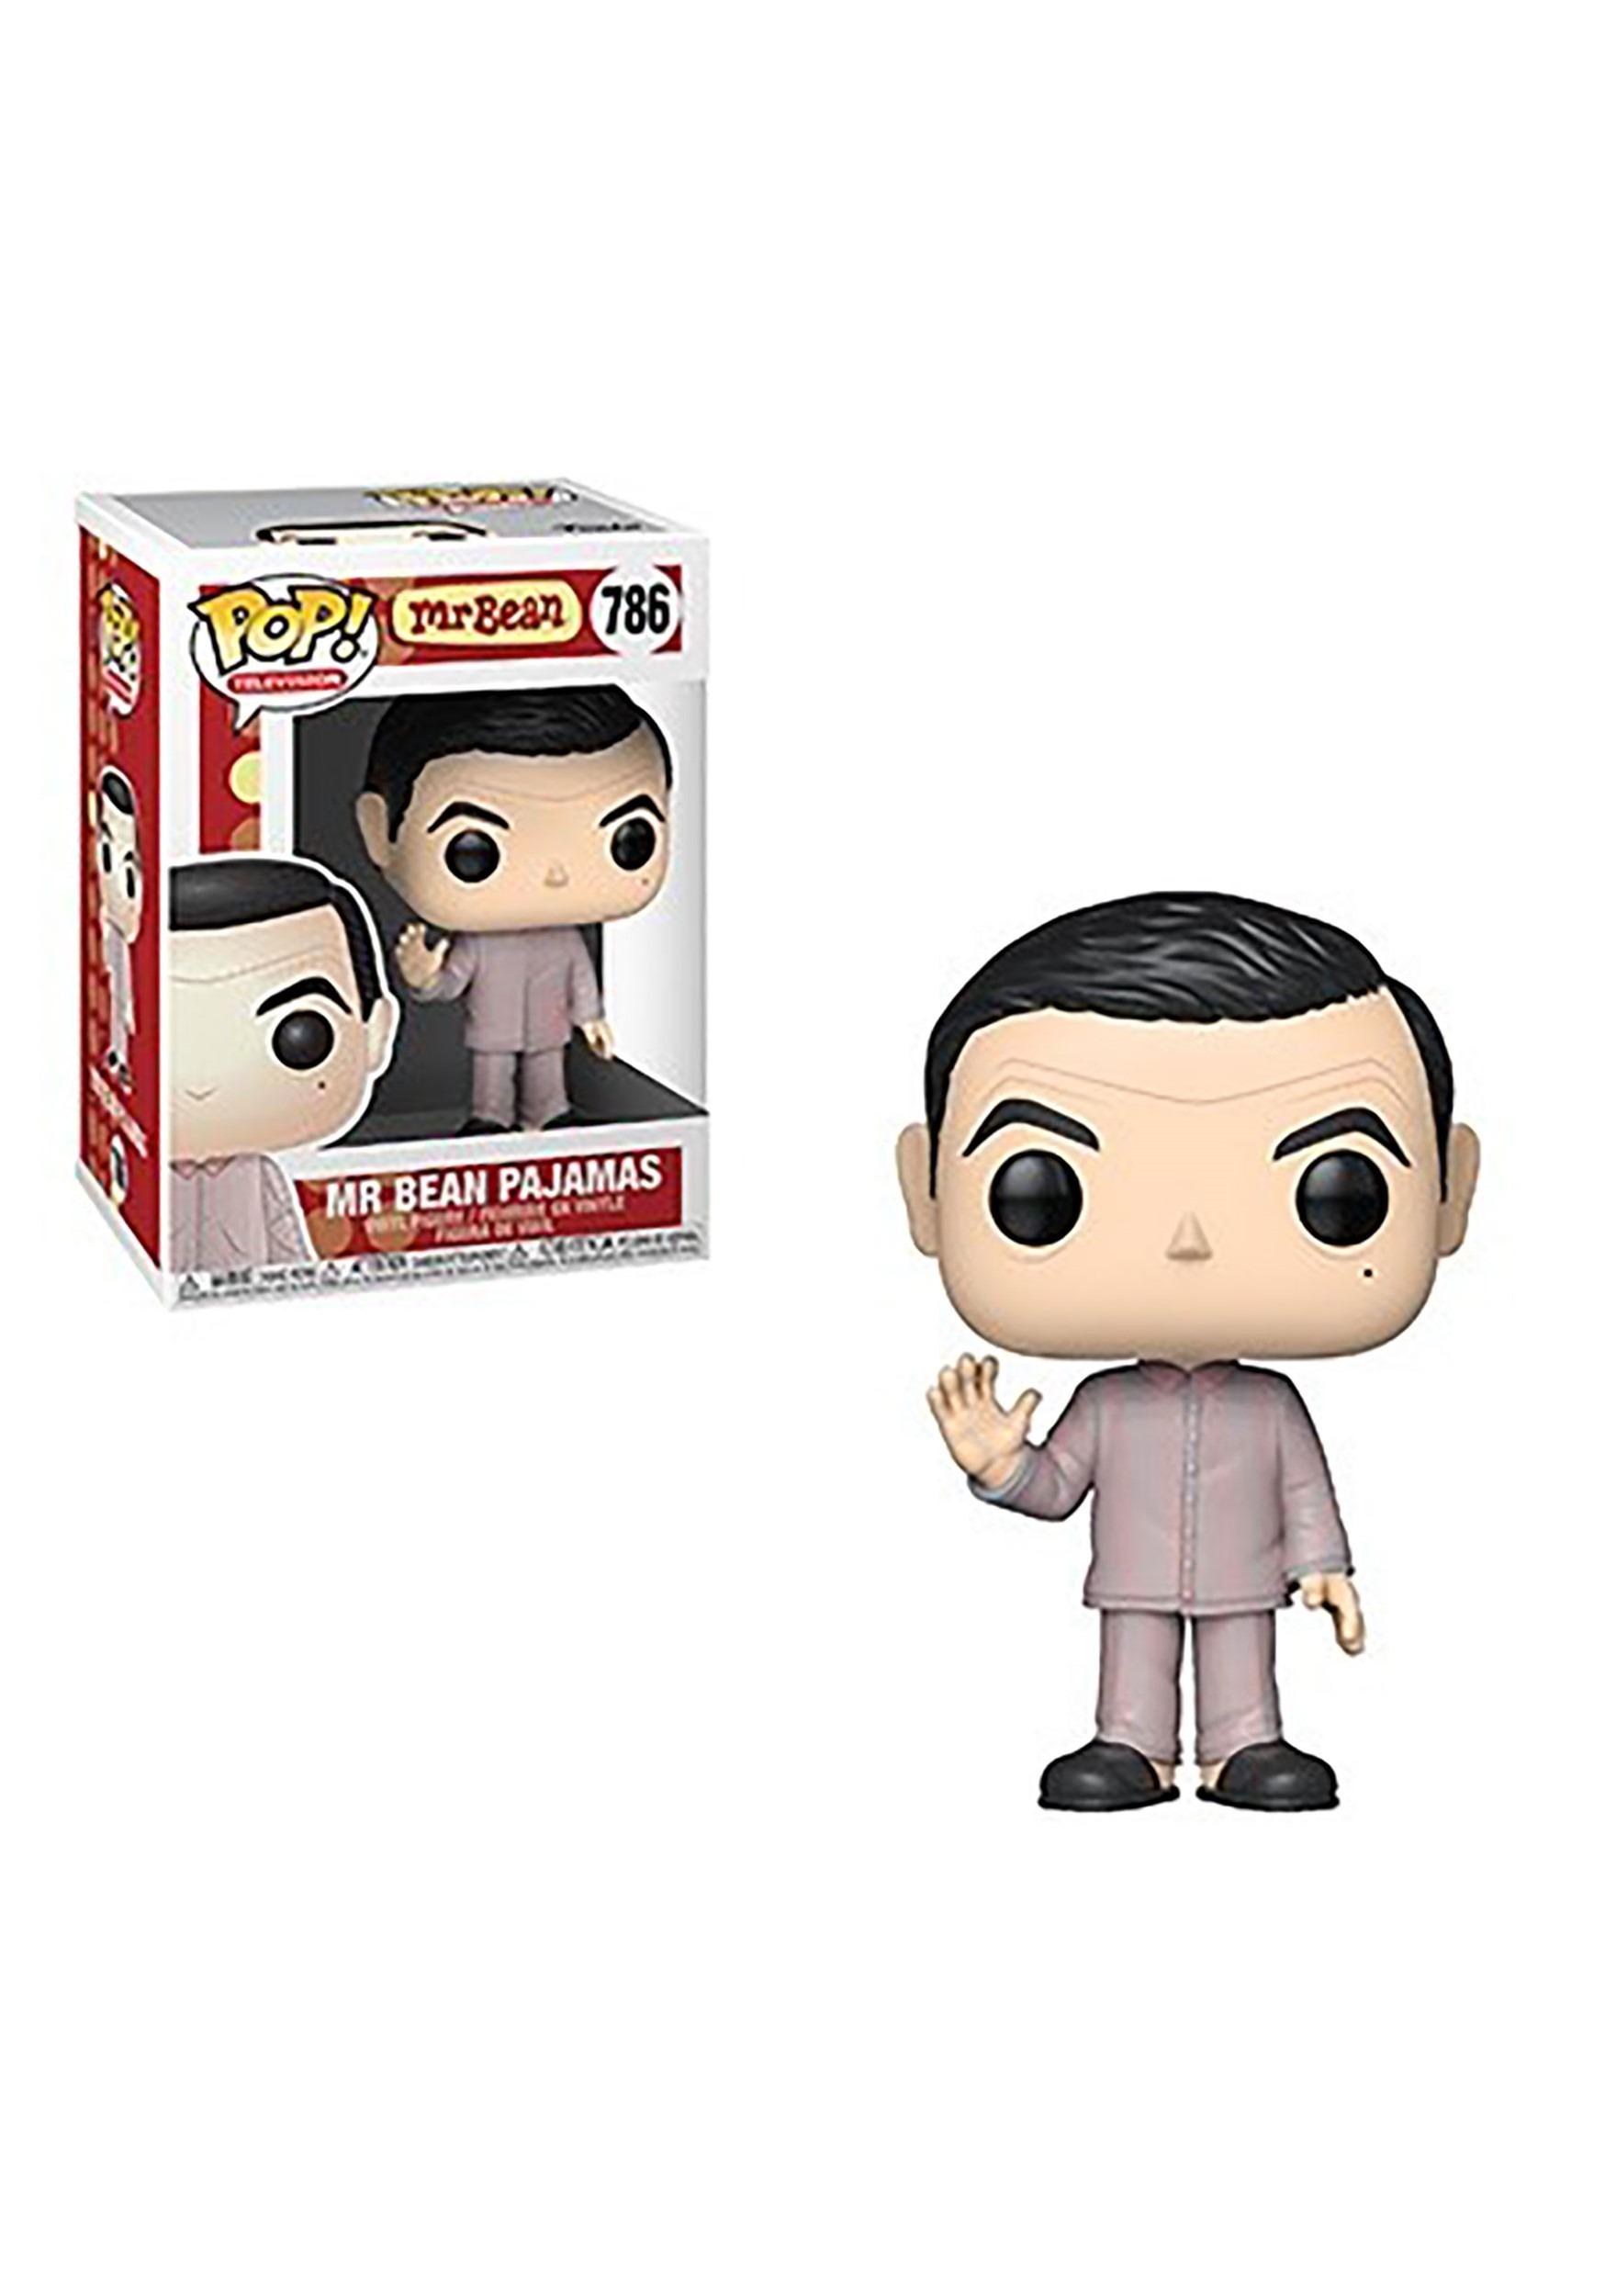 Mr. Bean Pajamas Pop! TV